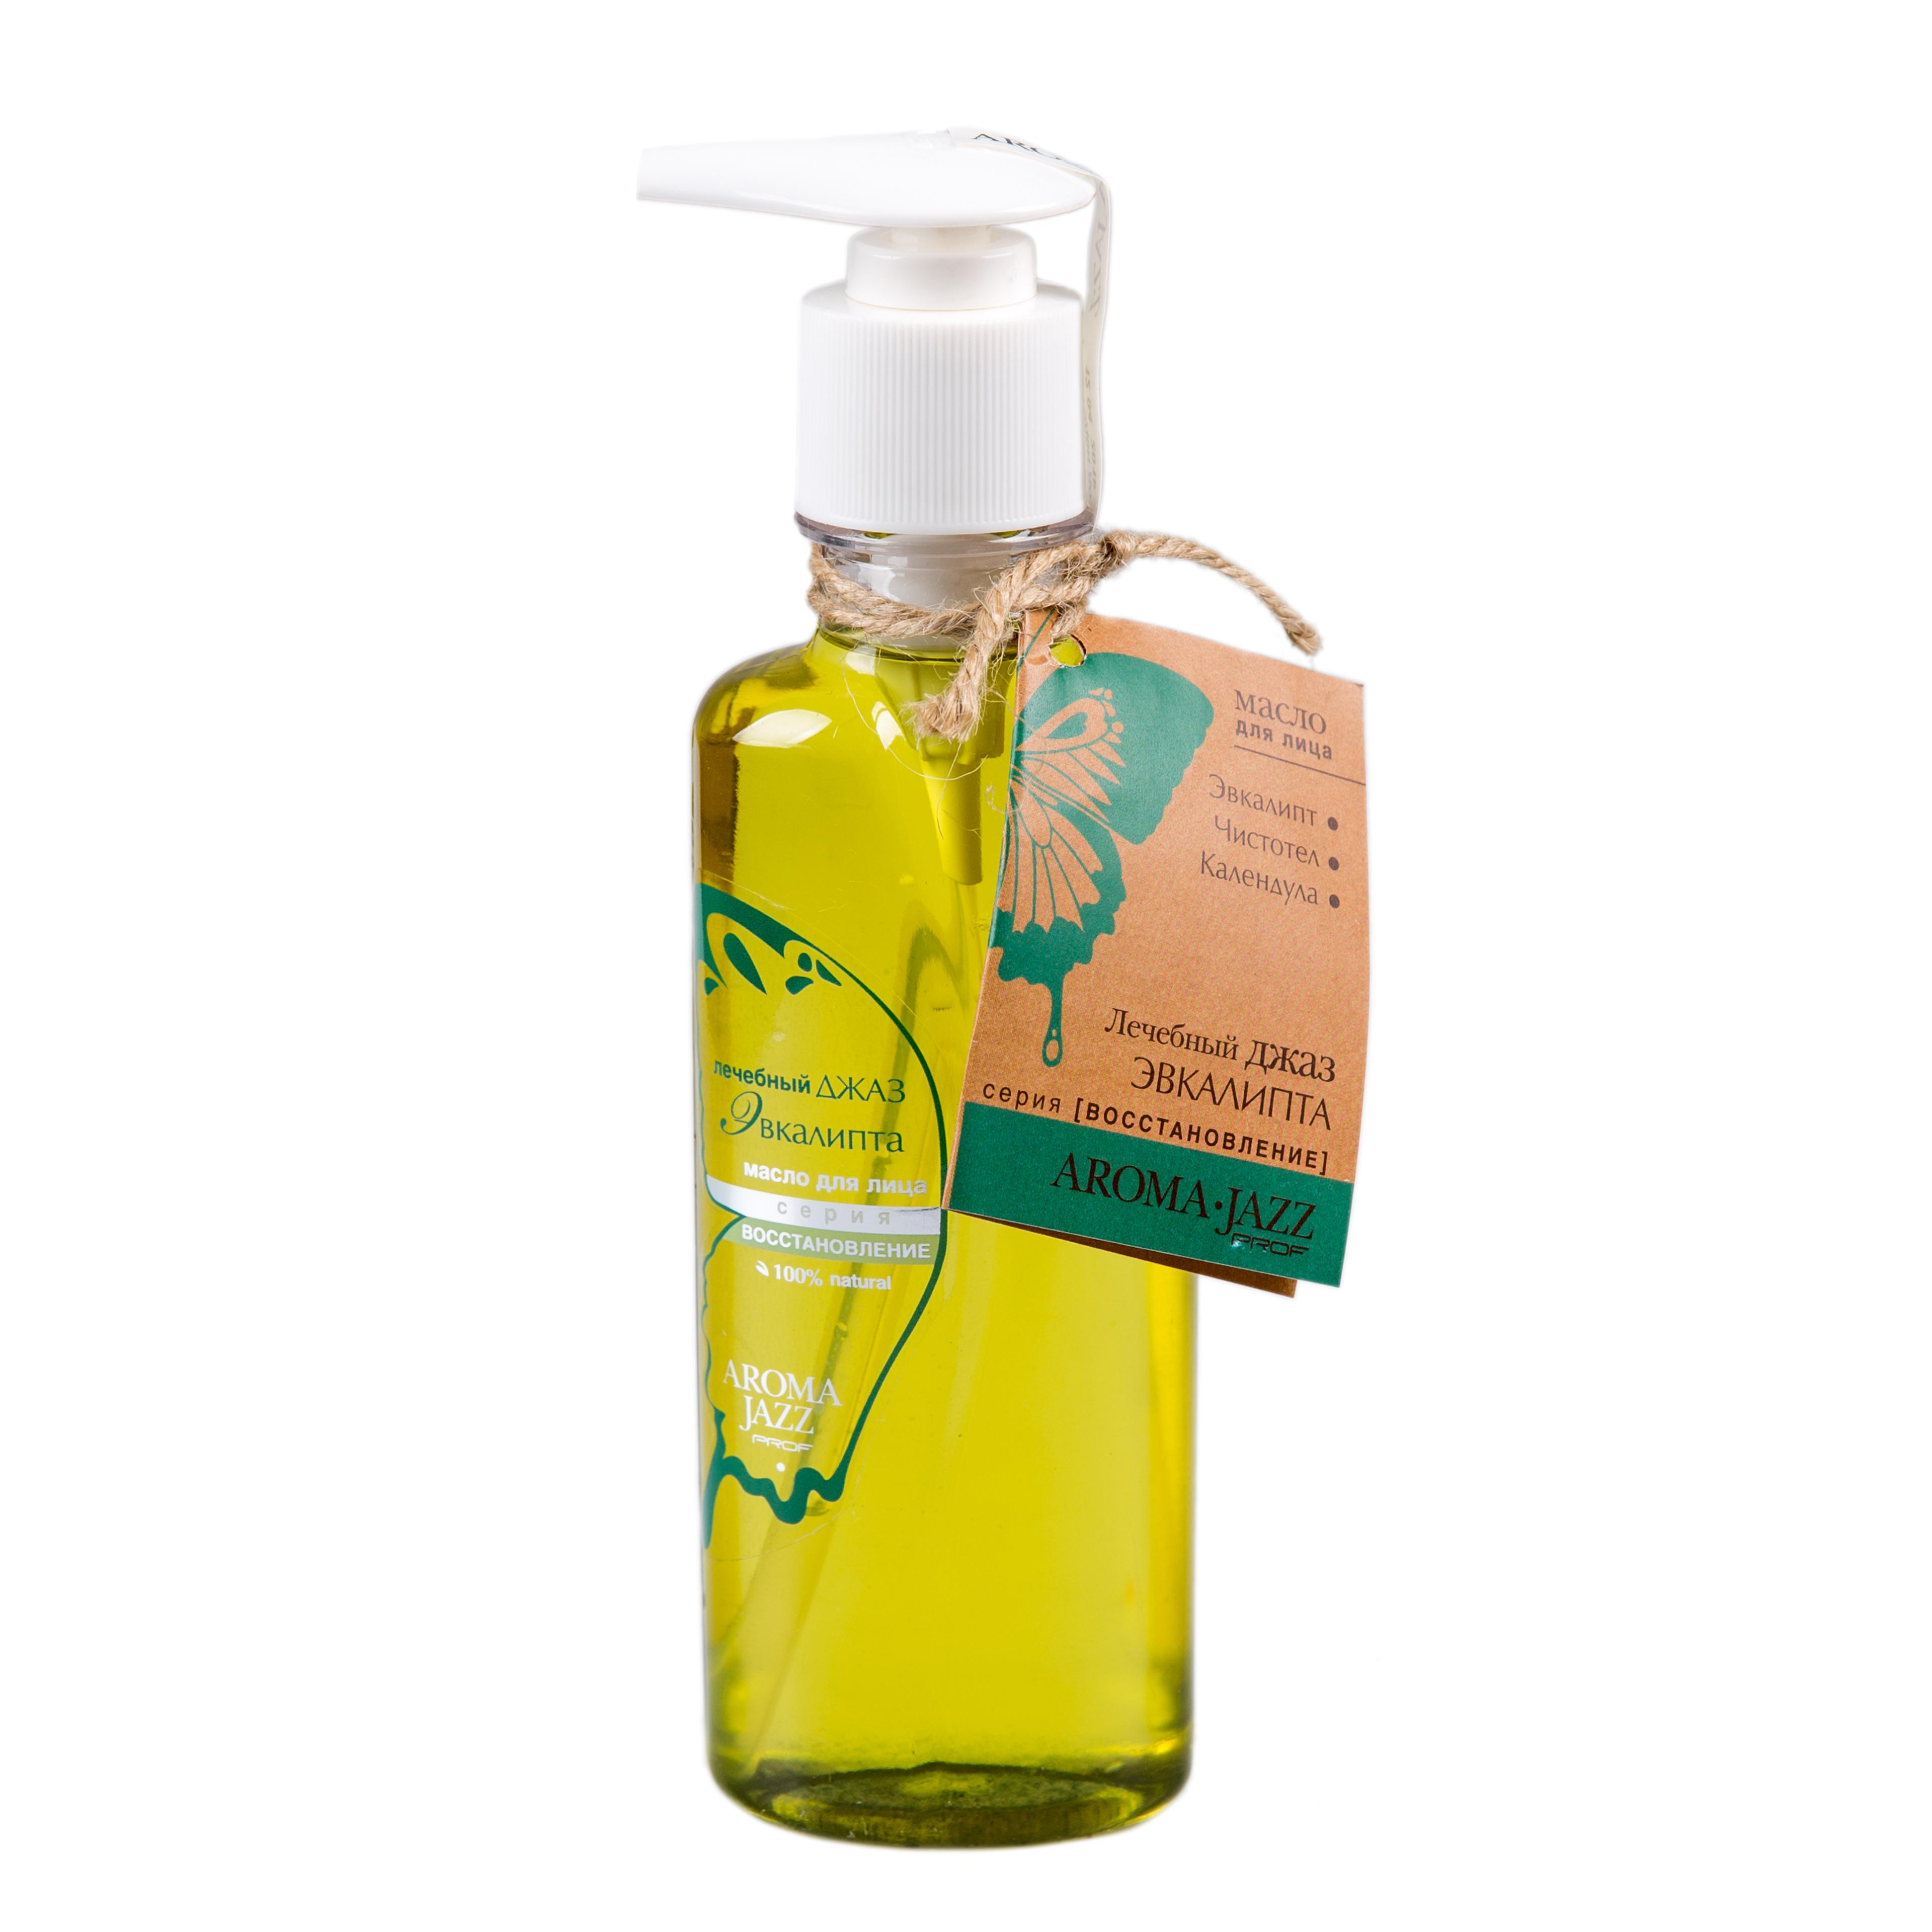 AROMA JAZZ Масло массажное жидкое для лица Лечебный джаз эвкалипта 200млМасла<br>Лечебная серия. Масло для лица. Отбеливание, очищение, питание. Действие: нормализует работу сальных желез, отбеливает кожу, улучшает её состояние при угревой сыпи, фурункулезе, герпесе. Масло обезболивает и регенерирует поврежденные участки кожи после ожогов, ран, обморожений. Оно обладает антисептическими, регенерирующими и дезодорирующими свойствами.  Лечебный джаз эвкалипта  рекомендован при жирной, пористой коже с элементами угревой сыпи и демадекоза. Активные ингредиенты: масла оливы, сои, растительное с витамином Е; экстракты эвкалипта, чистотела и календулы; эфирные масла мяты и эвкалипта; хлорофиллипт. Способ применения: используется после шлифовок, пилингов, чисток и т.д. Применяется для массажа и смазывания лица при предрасположенности к образованию папиллом и гиперкератоза, втирания после душа и SPA-процедур в салоне и дома. Противопоказания: аллергическая реакция на составляющие компоненты.<br><br>Объем: 200 мл<br>Вид средства для лица: Массажное<br>Класс косметики: Лечебная